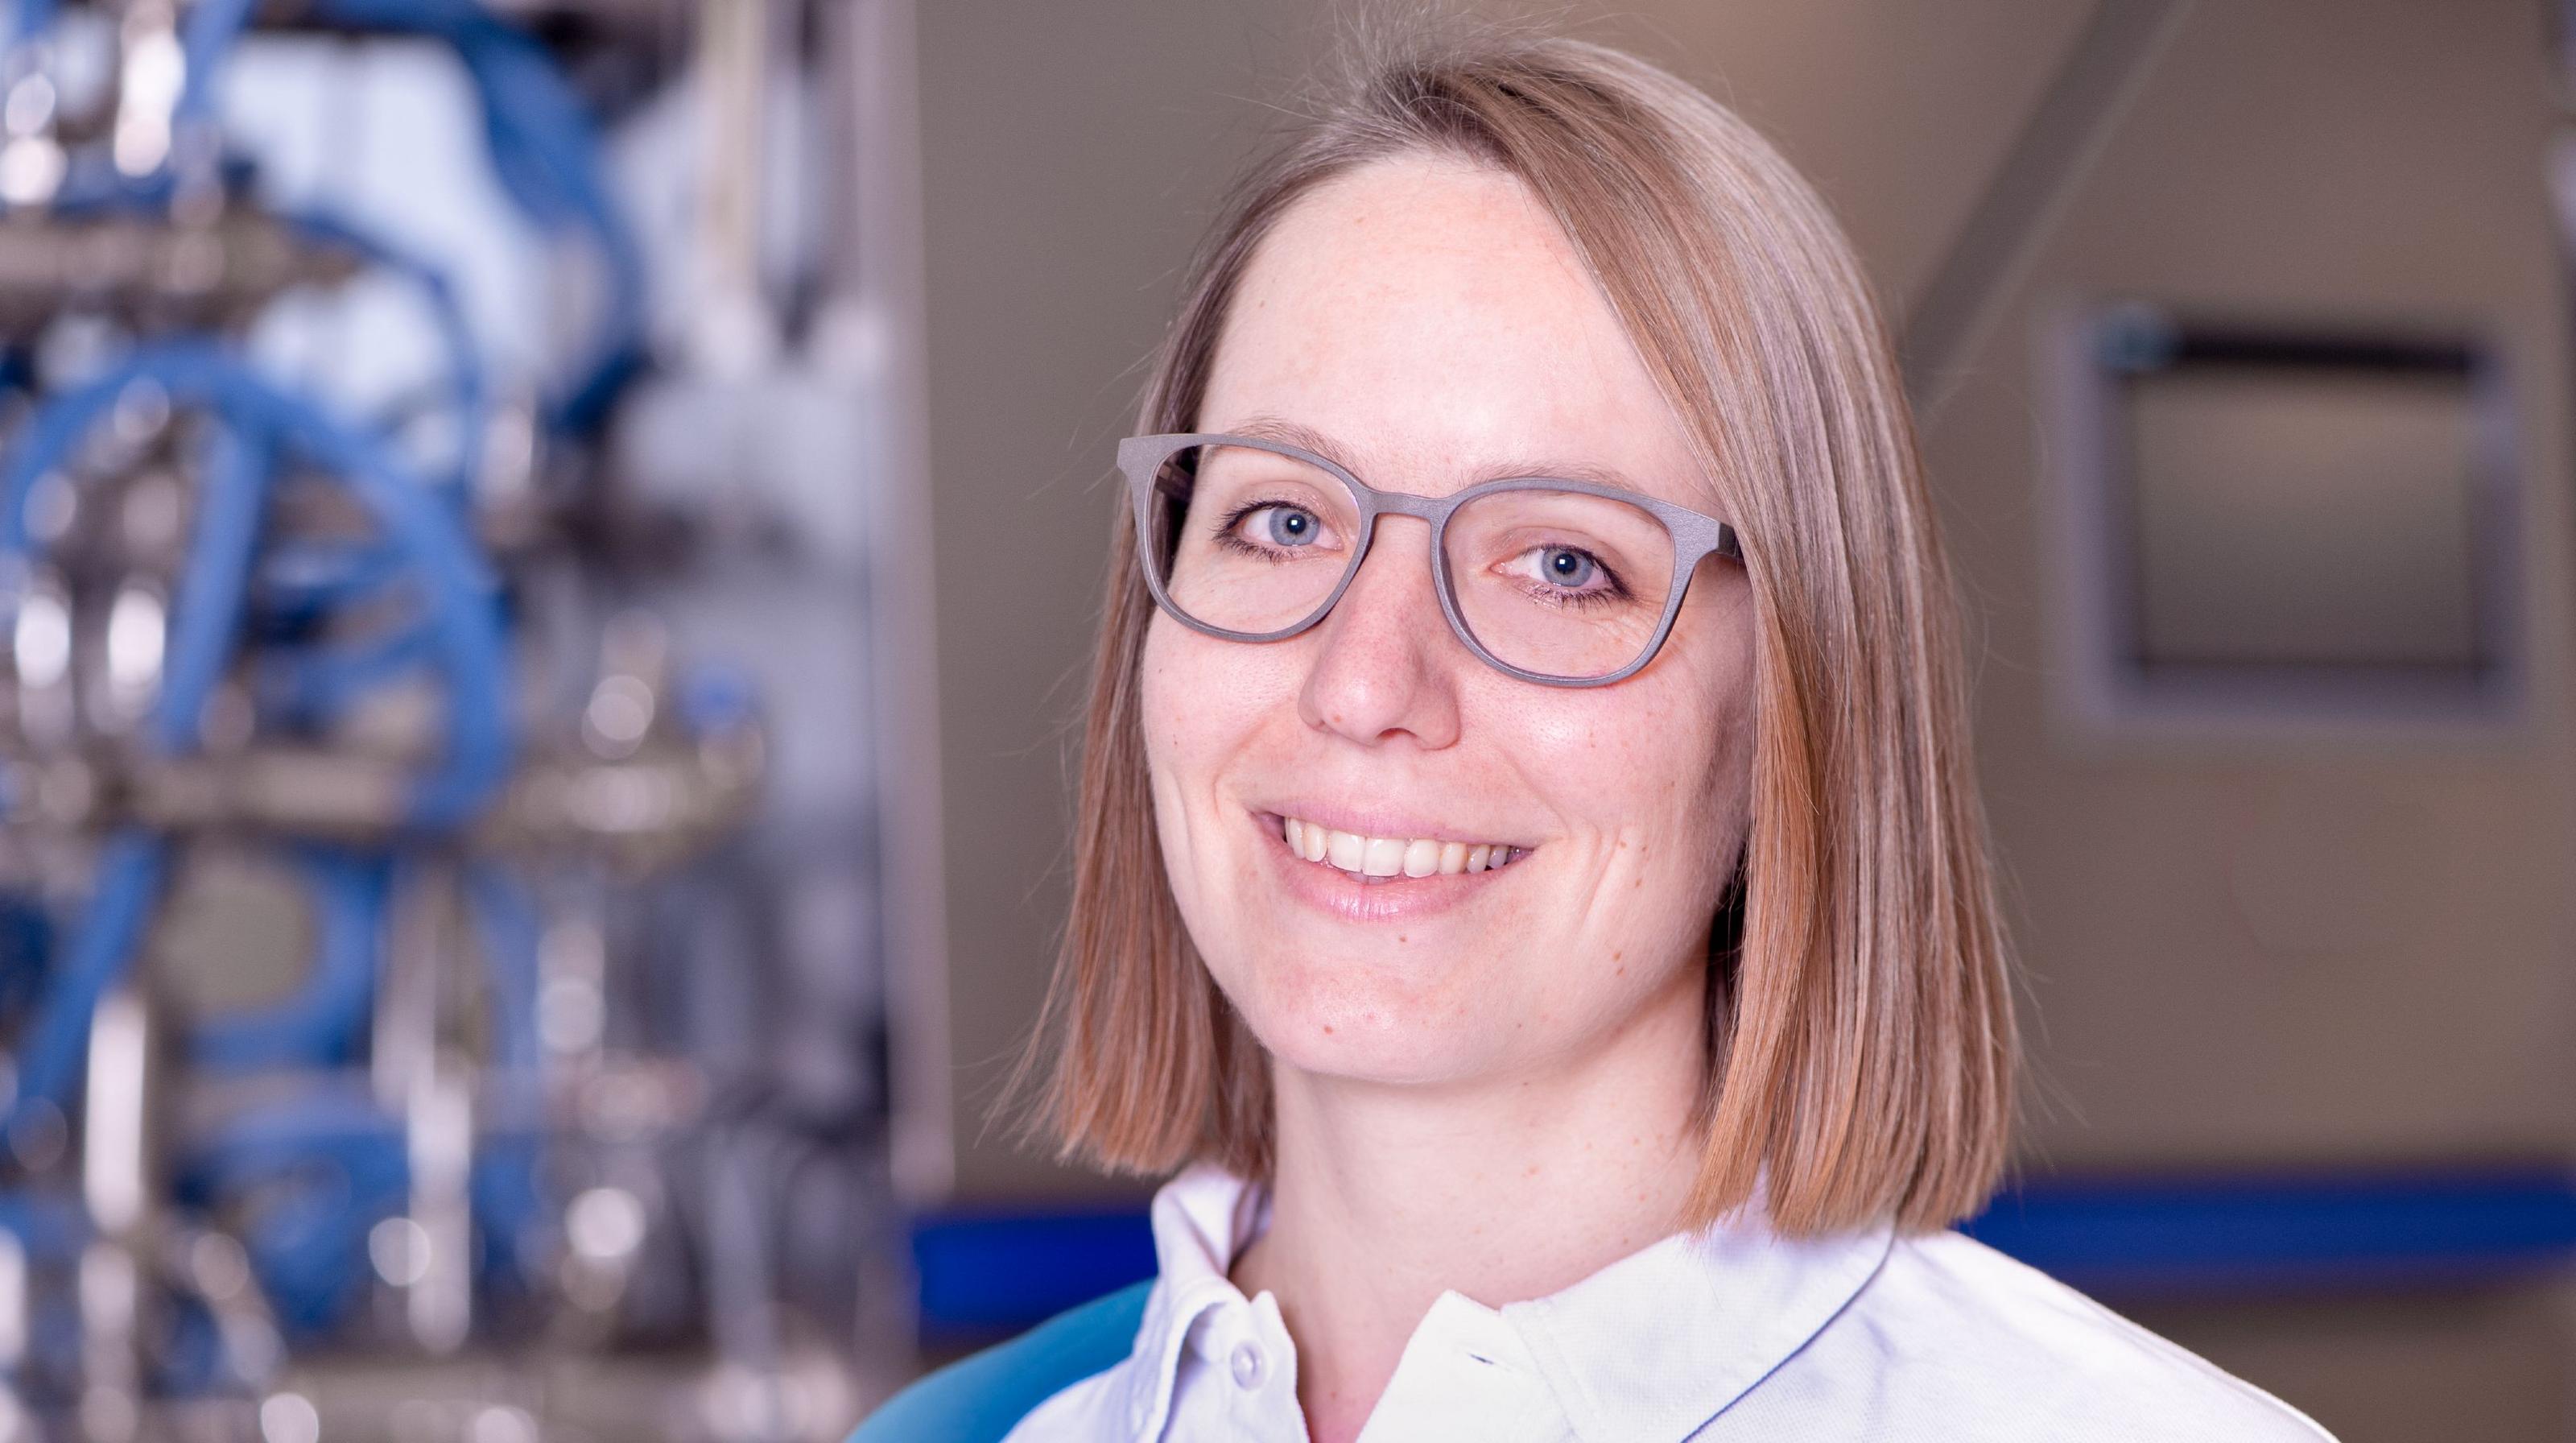 Jana Mäschle, Bühler Expertin und Technologin.